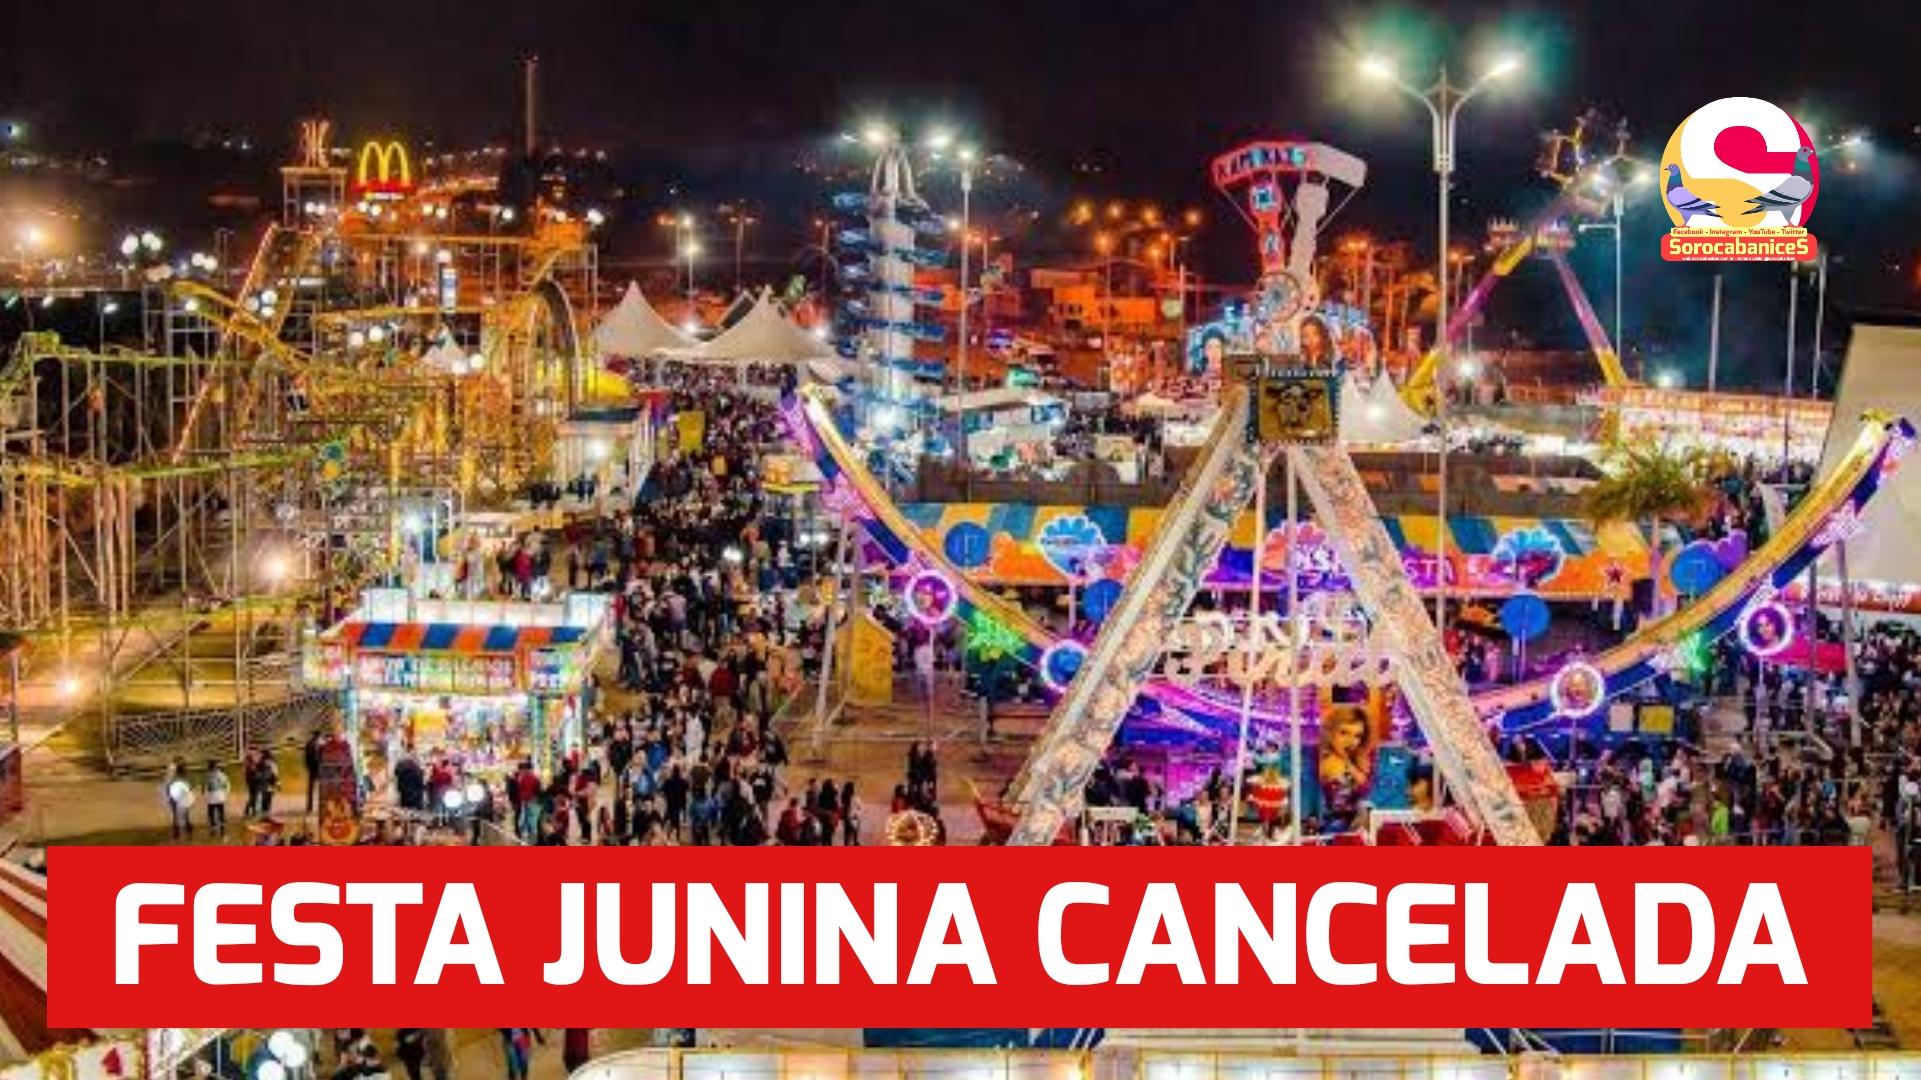 Festa Junina de Votorantim 2020 é cancelada e devolverá dinheiro de ingressos